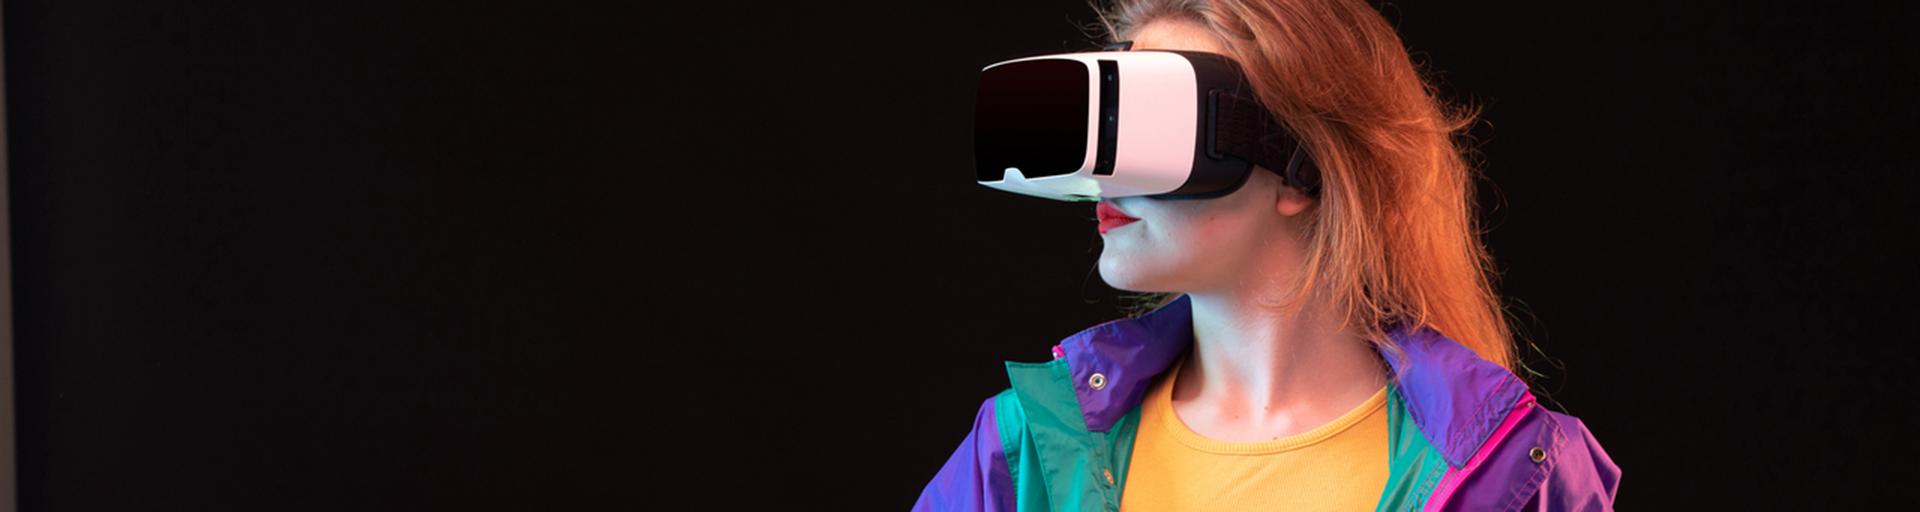 Sugestões de Visitas Virtuais